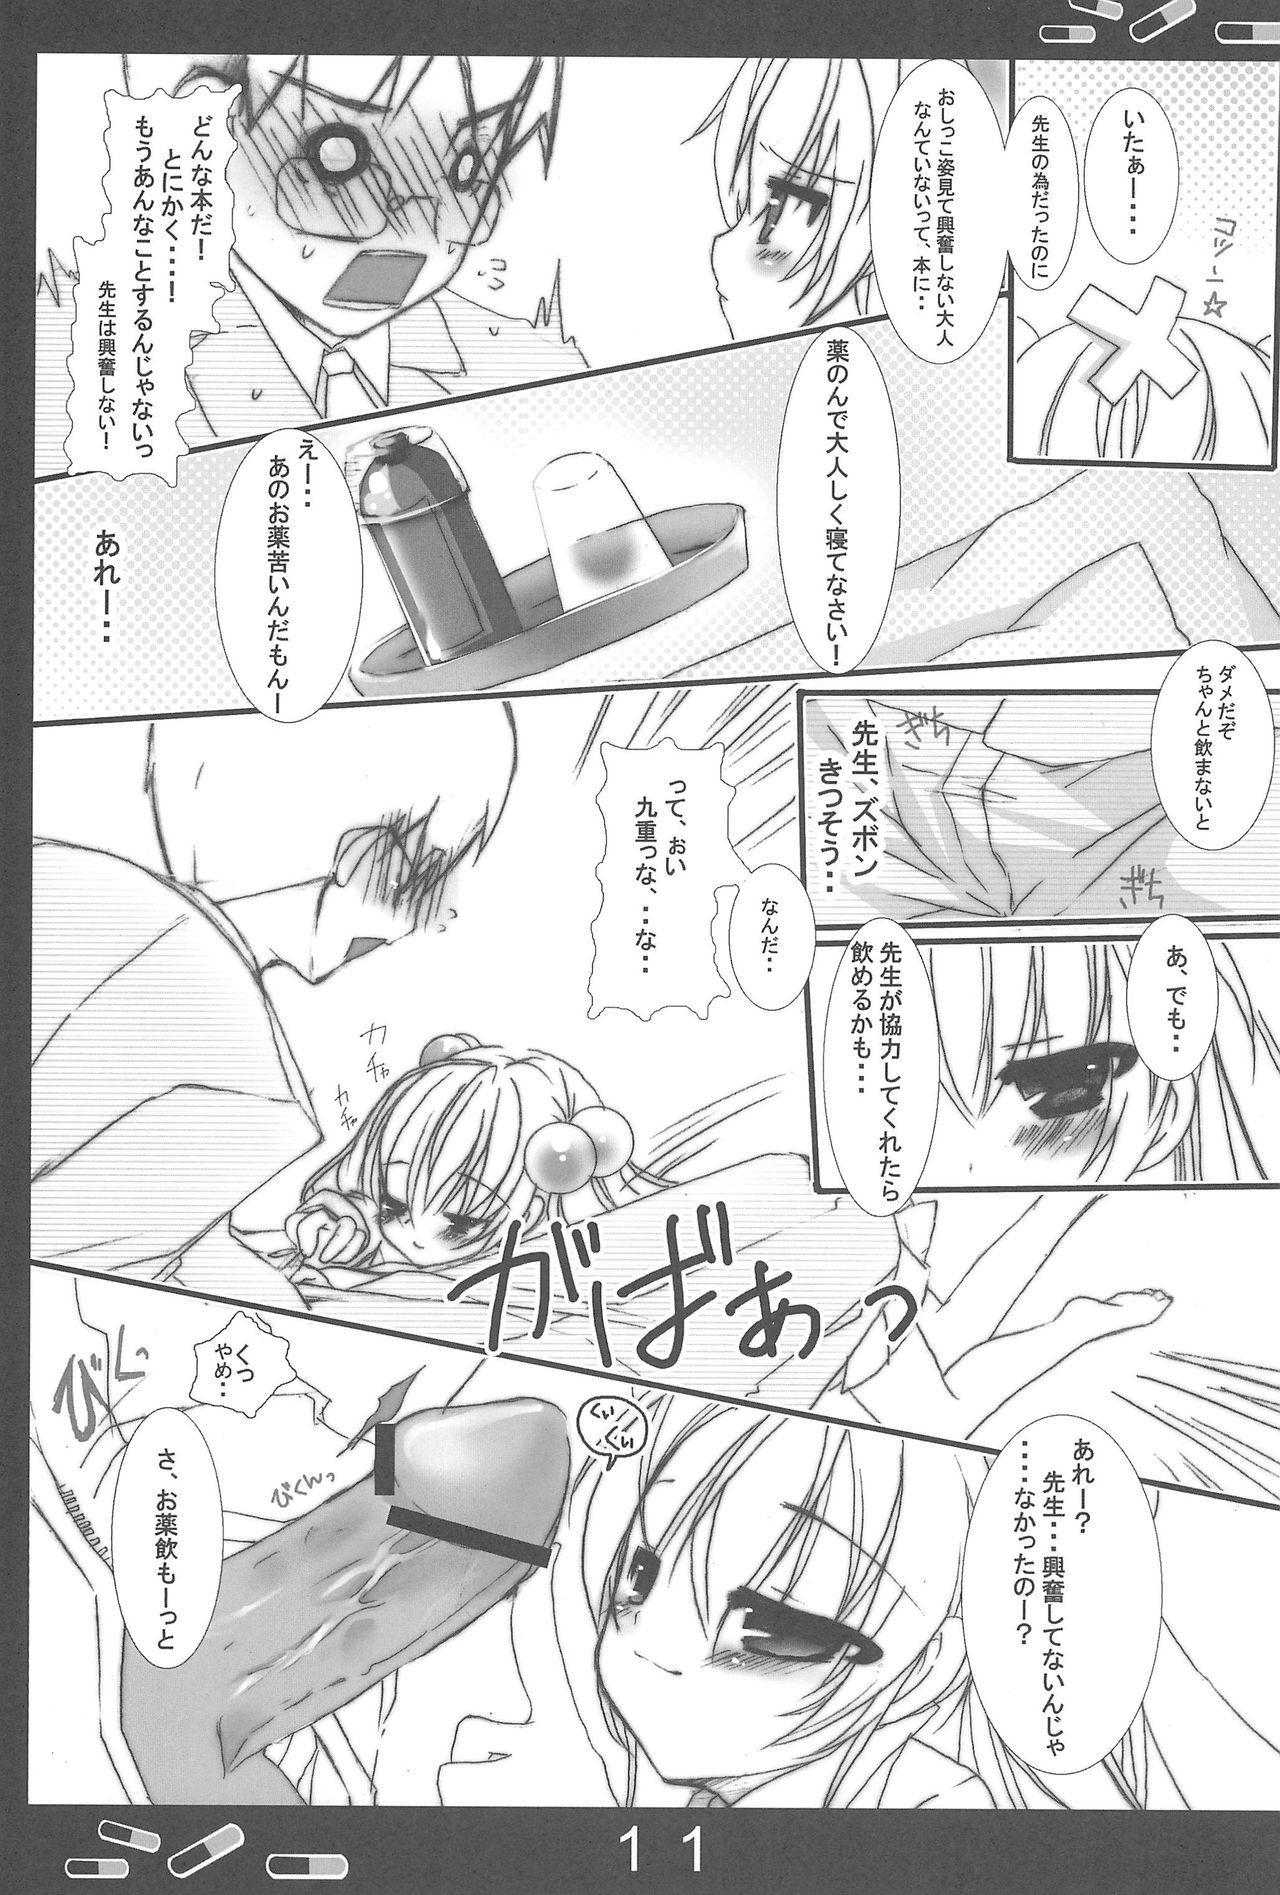 Onetsu no Jikan 10